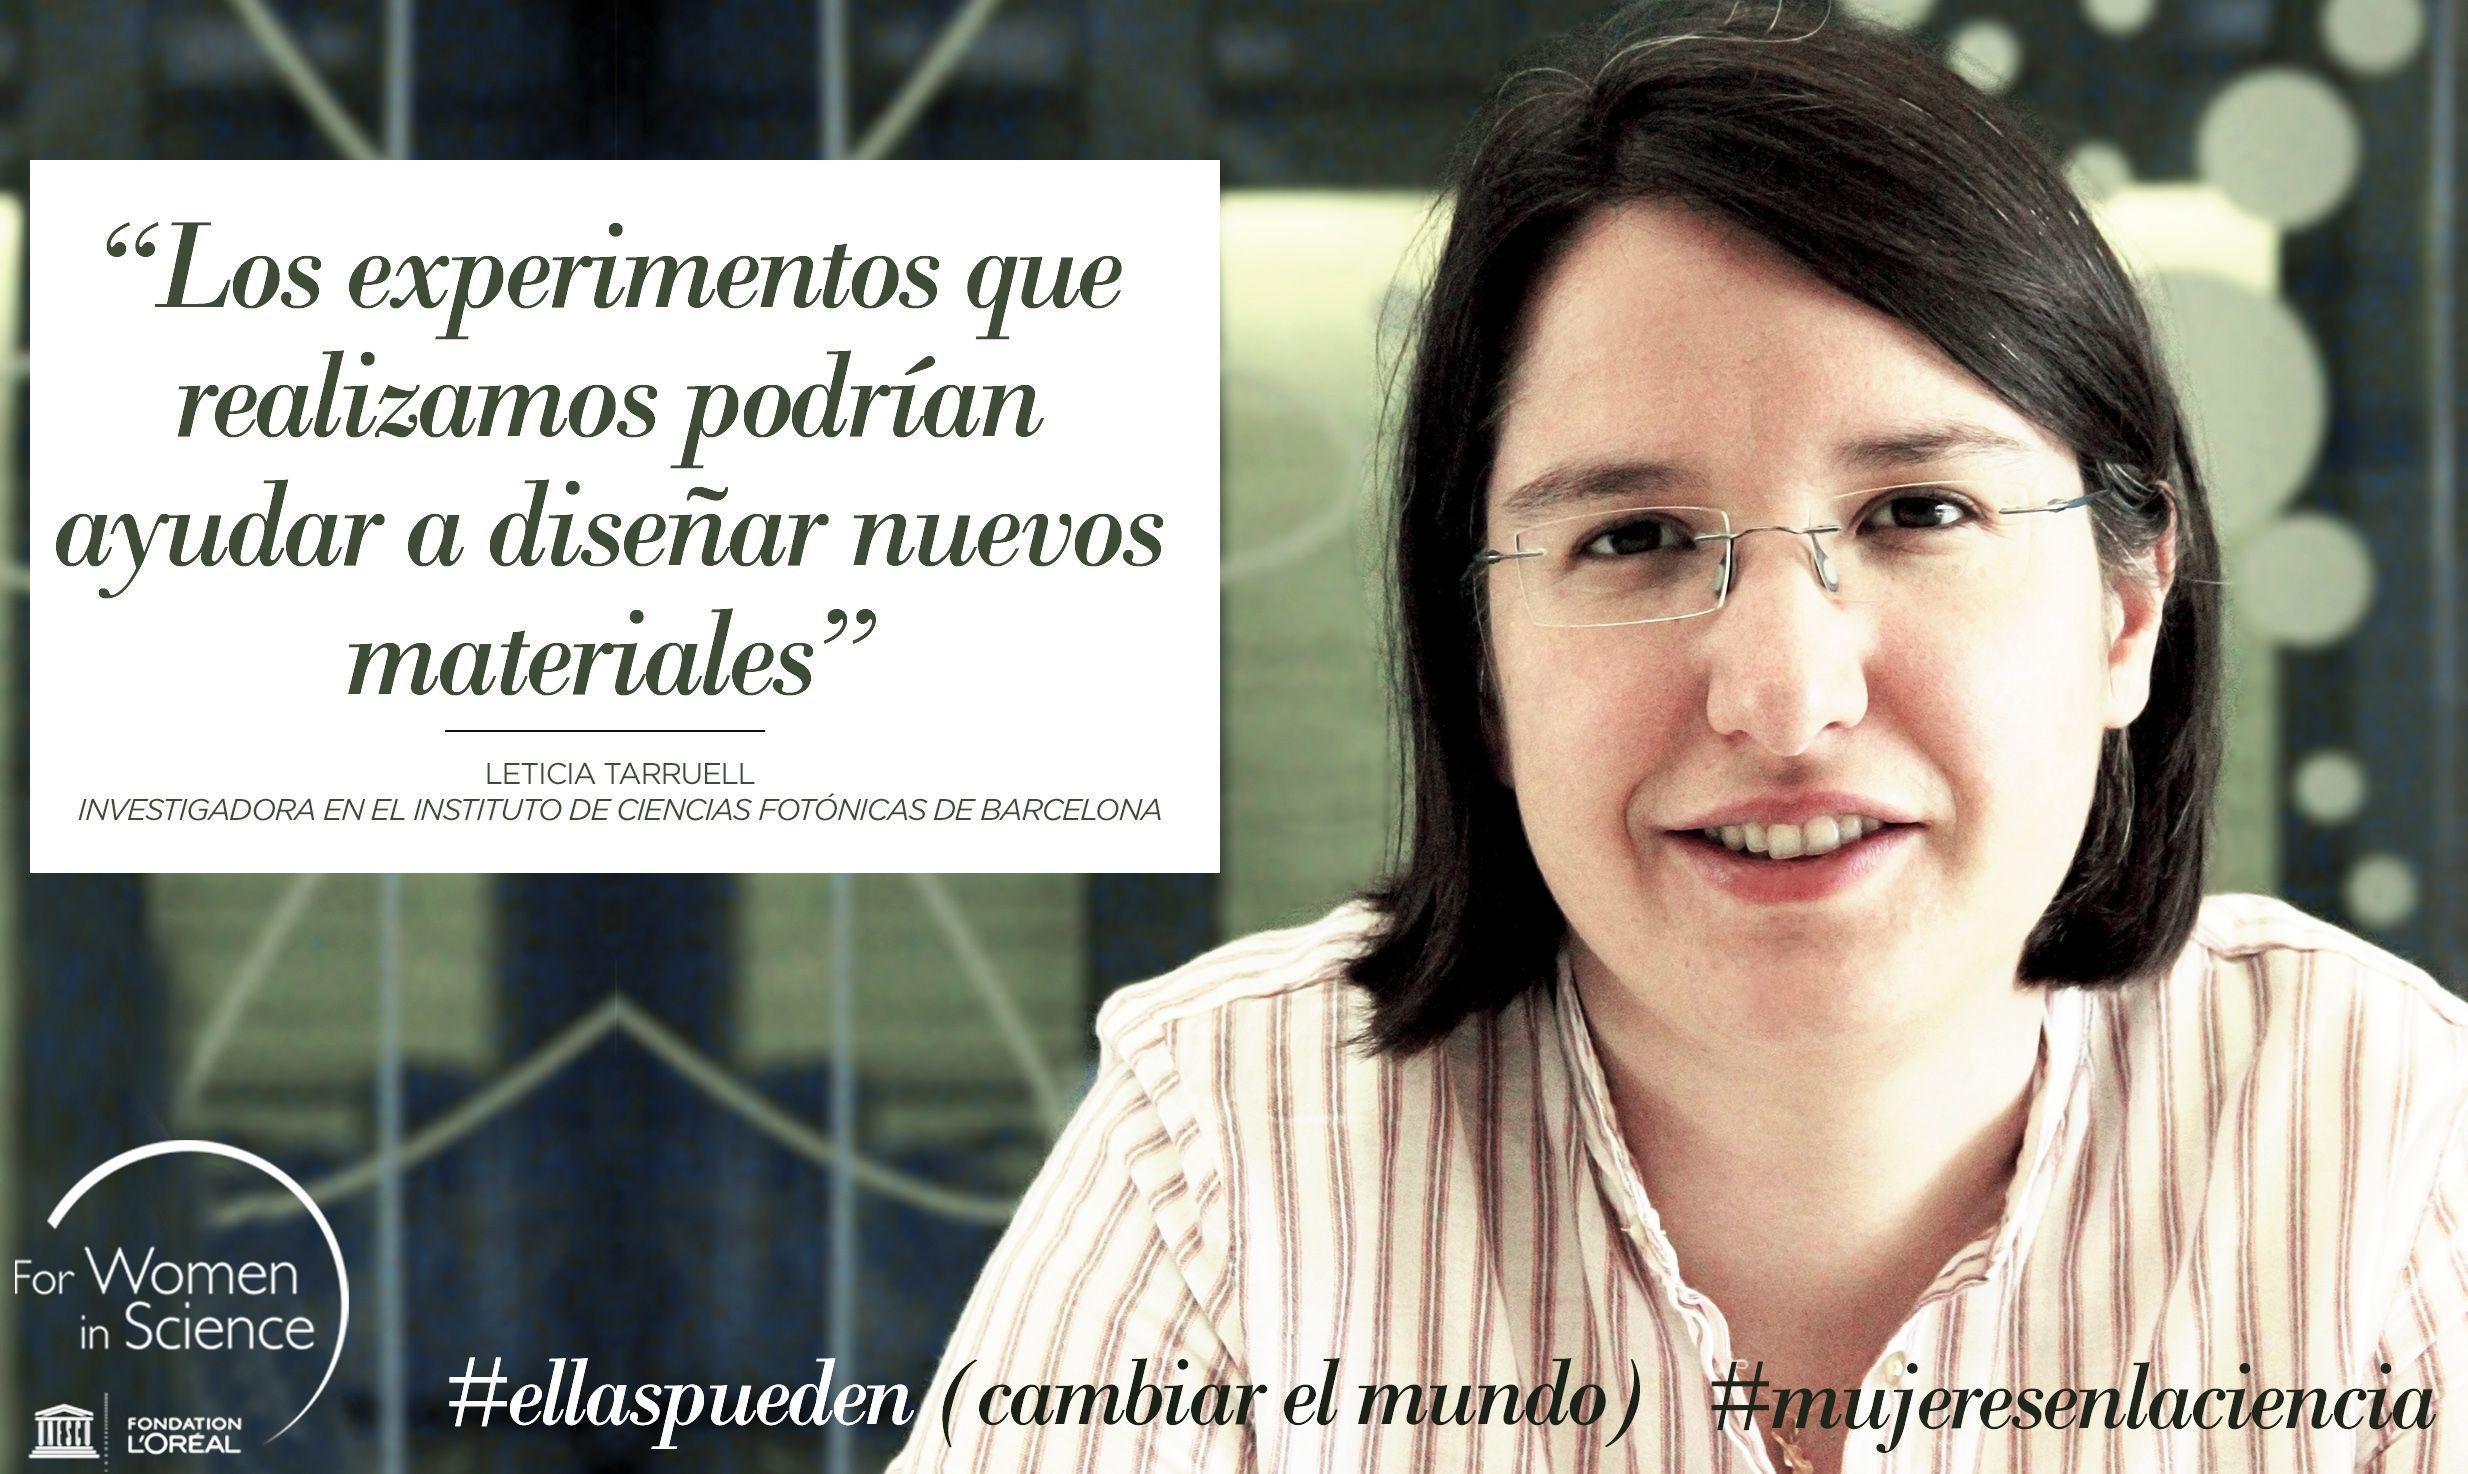 Leticia Tarruell, becada L'Oréal-UNESCO For Women in Science. Ha realizado el primer experimento en España para la creación de materiales artificiales utilizando el gas de átomos ultrafríos. #ellaspueden (cambiar el mundo).